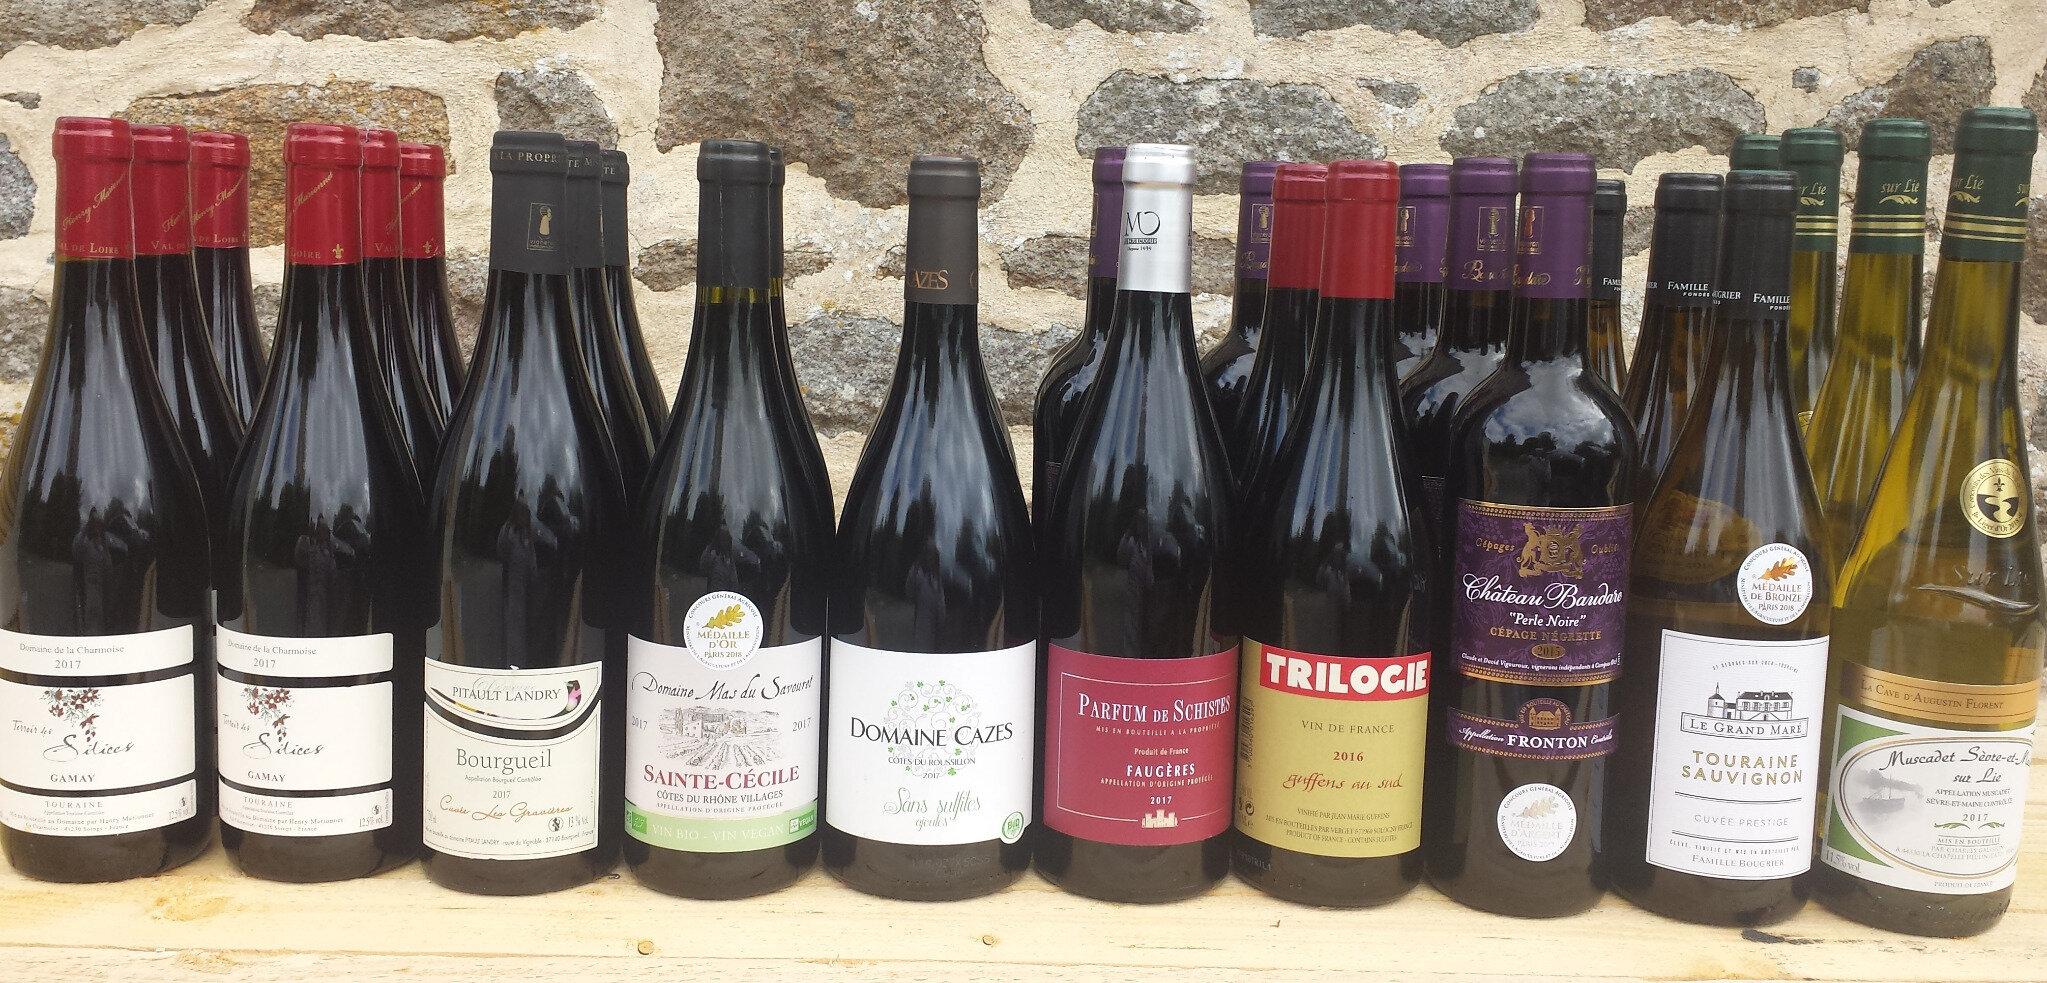 Le temps des foires aux vins